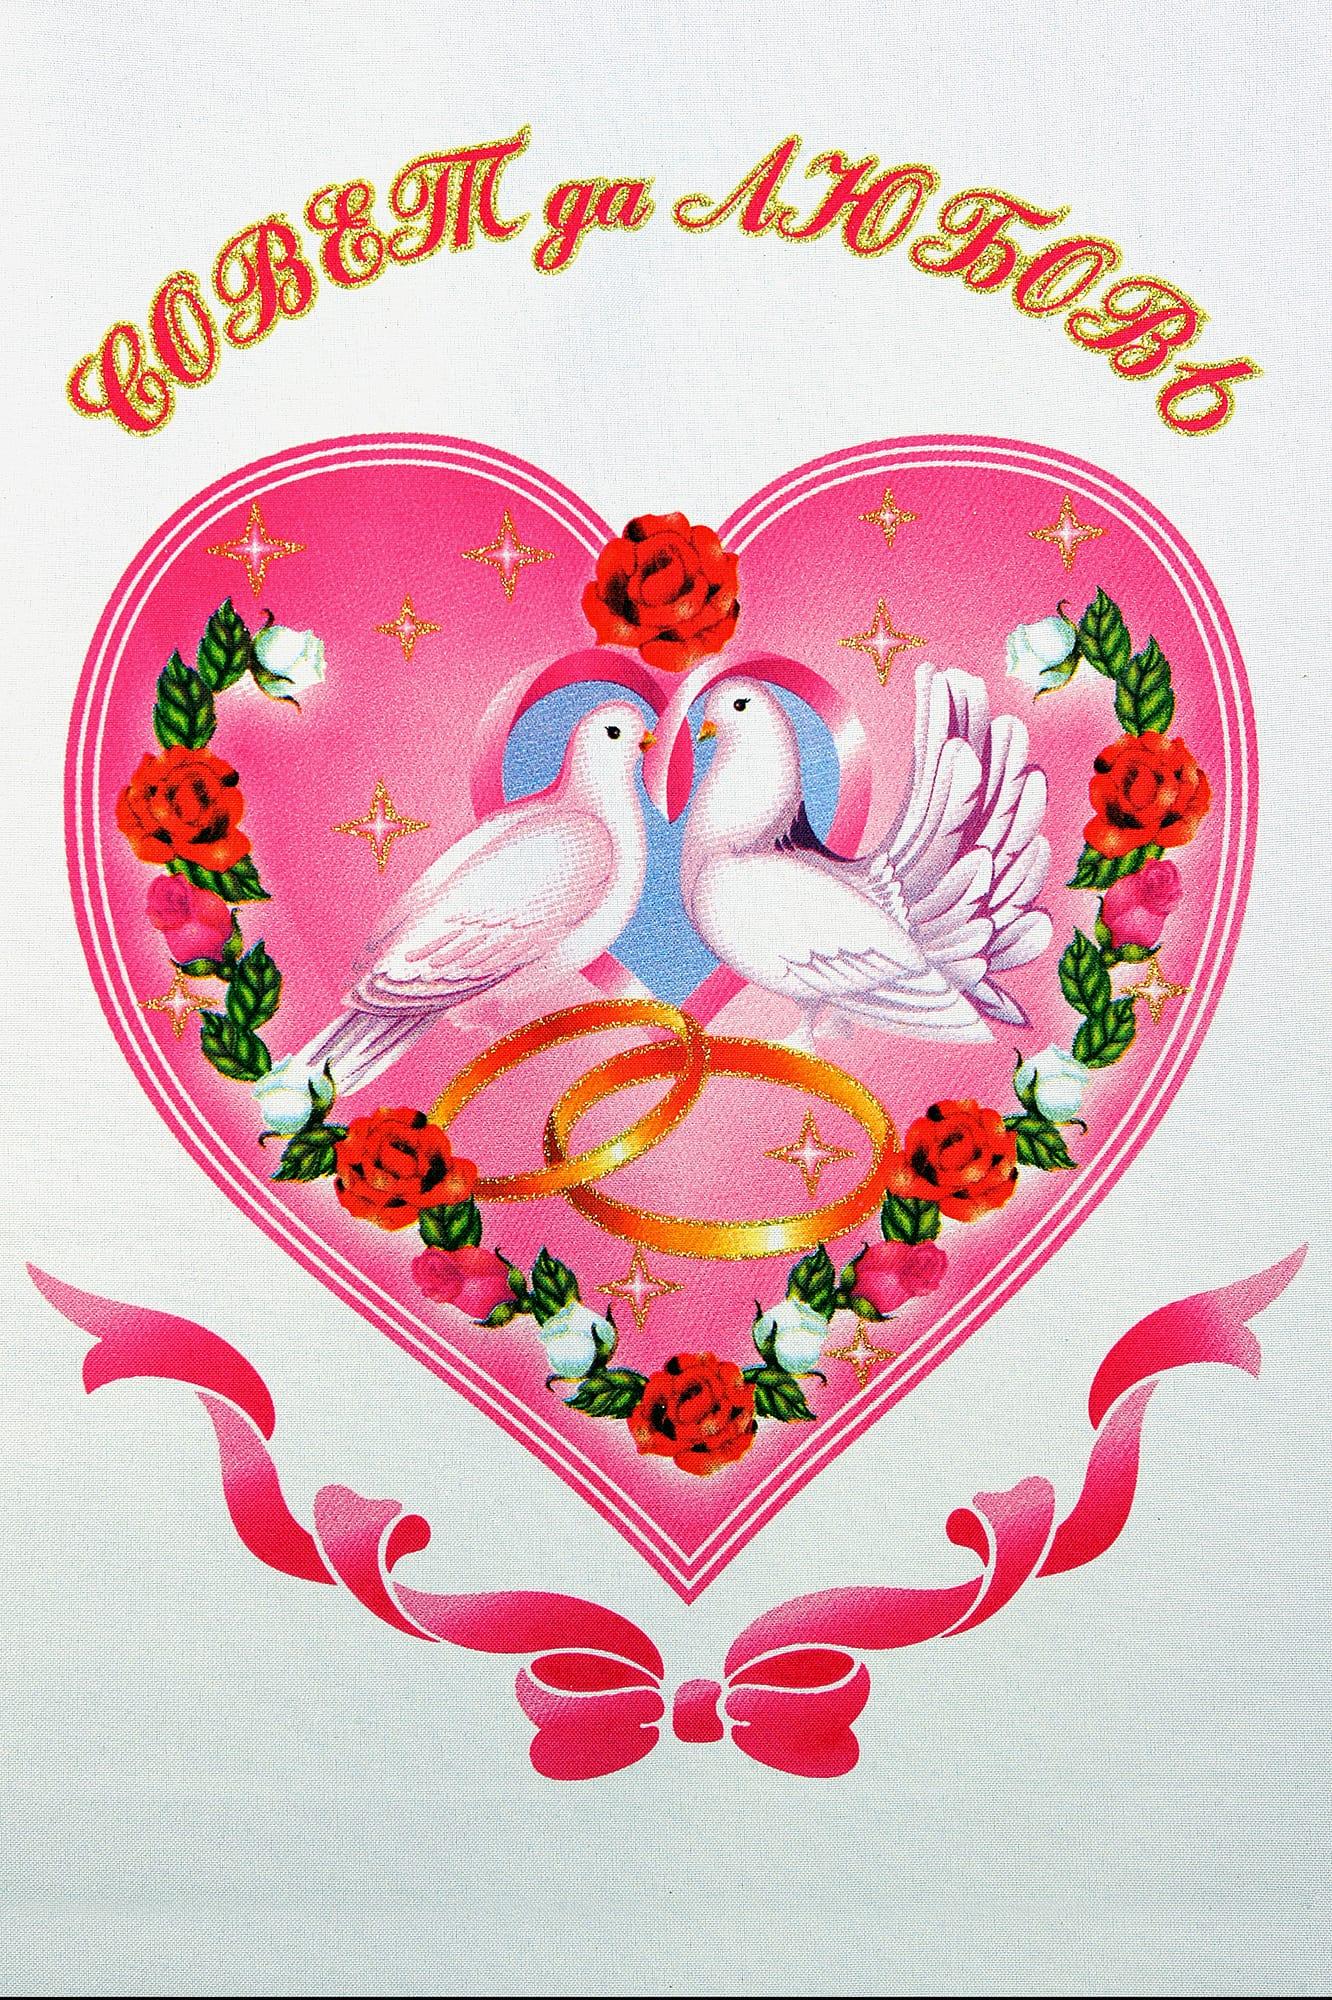 Нежный свадебный рушник с романтичным изображением сердечка и голубей.